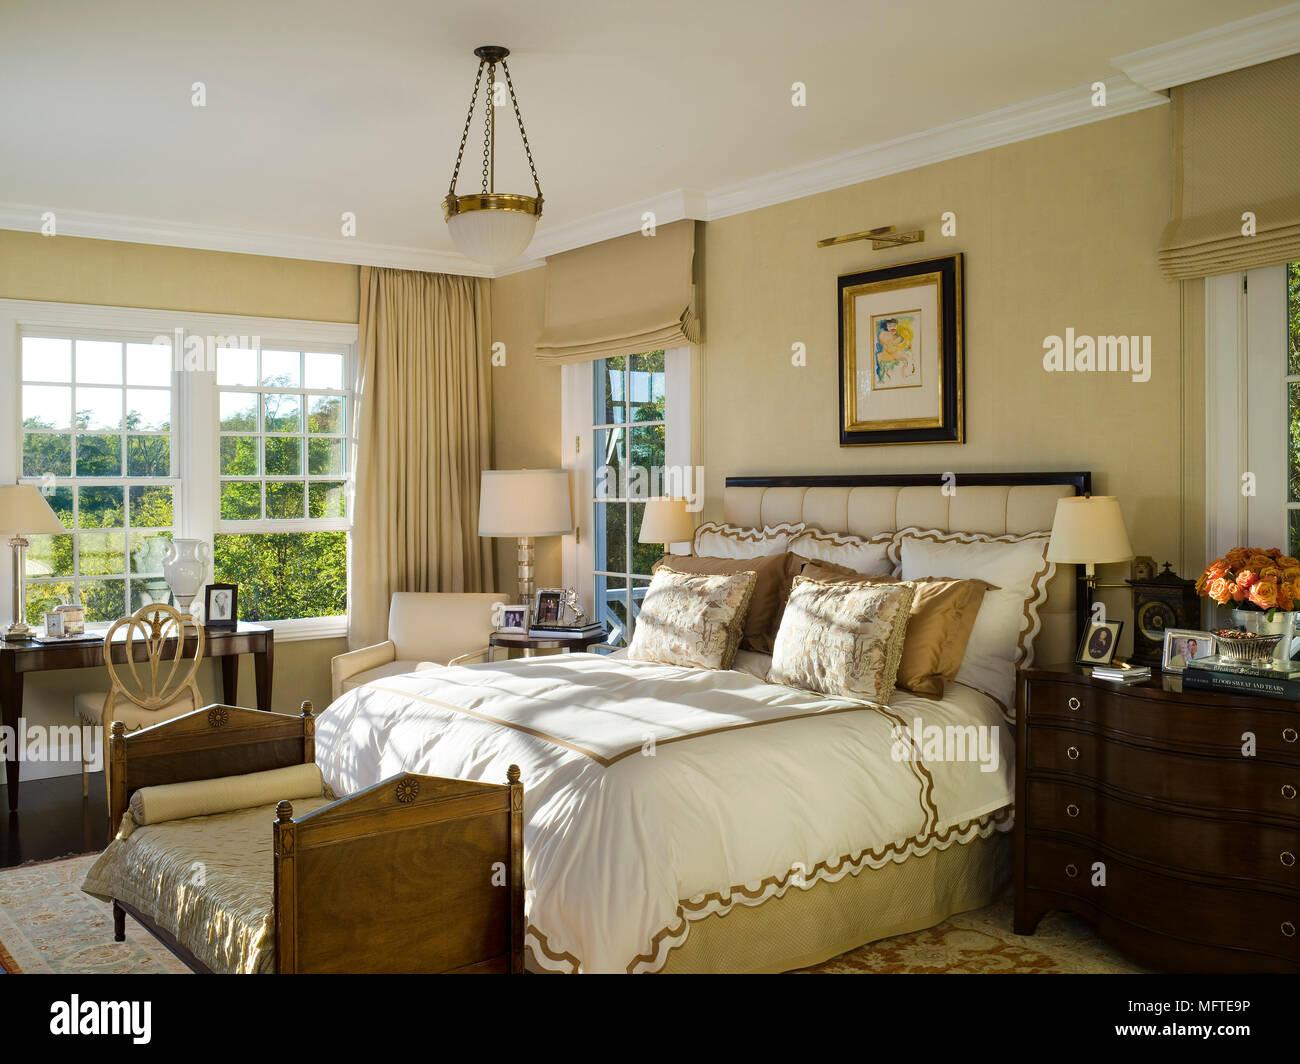 Camere Da Letto Tradizionali : Letto matrimoniale con testata rivestita in camera da letto